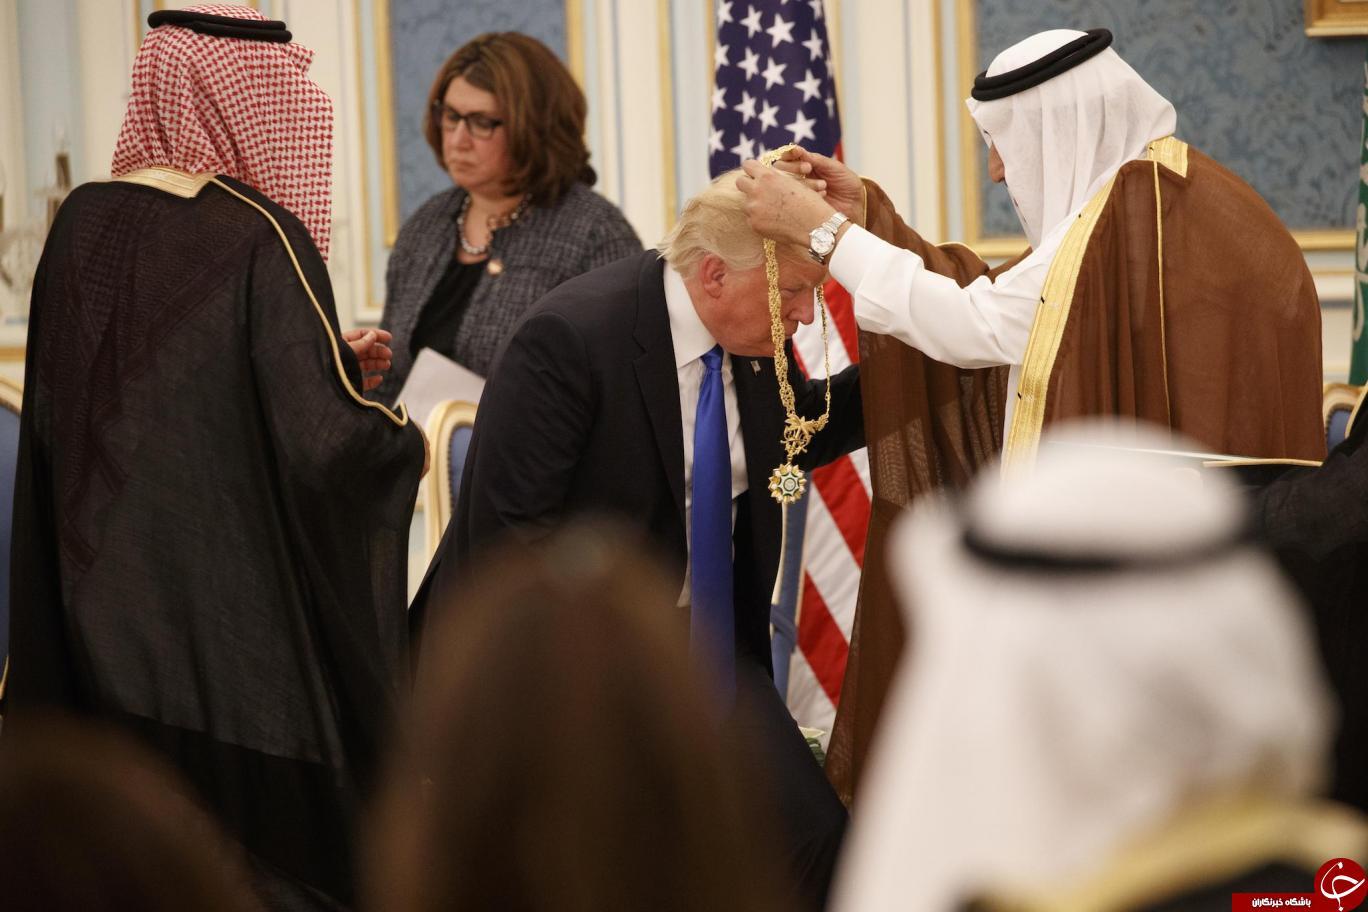 ادای احترام ترامپ در مقابل پادشاه عربستان جنجال برانگیز شد+ تصاویر